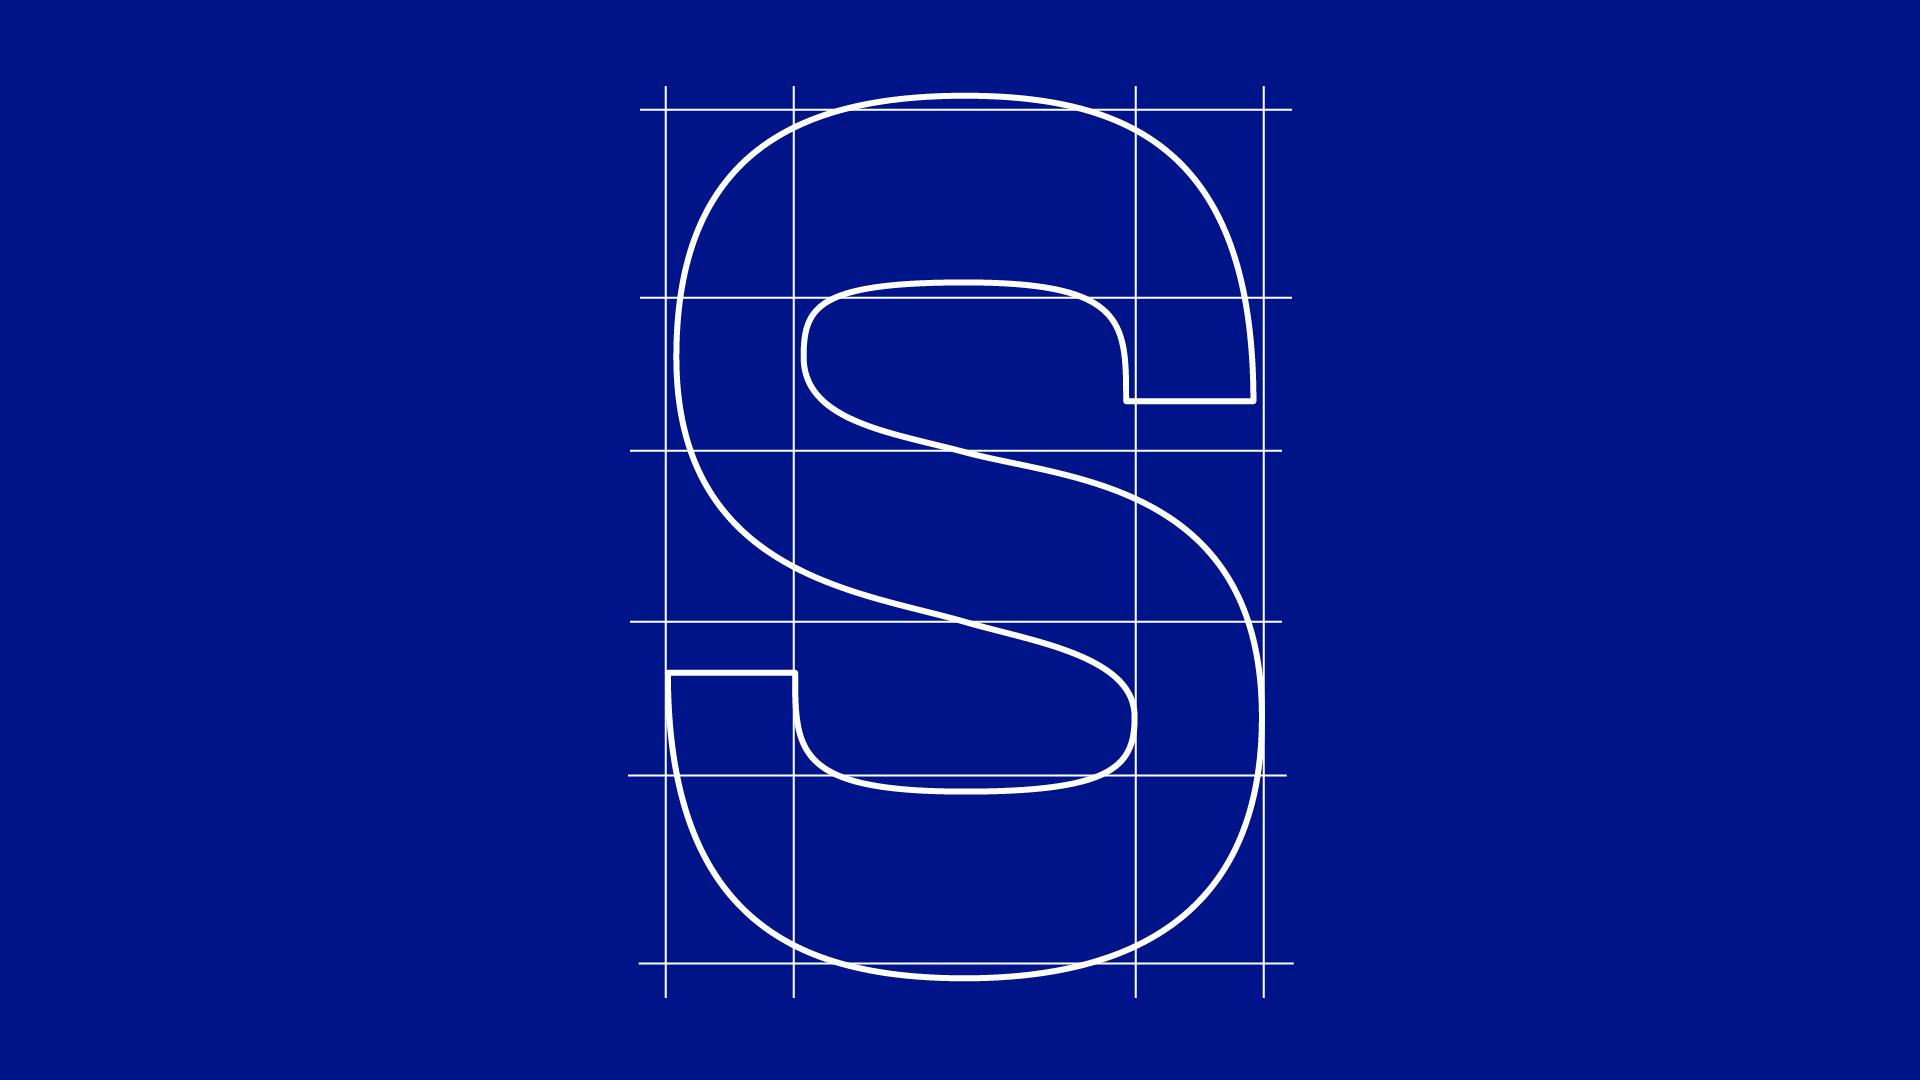 sparta_web_export-06